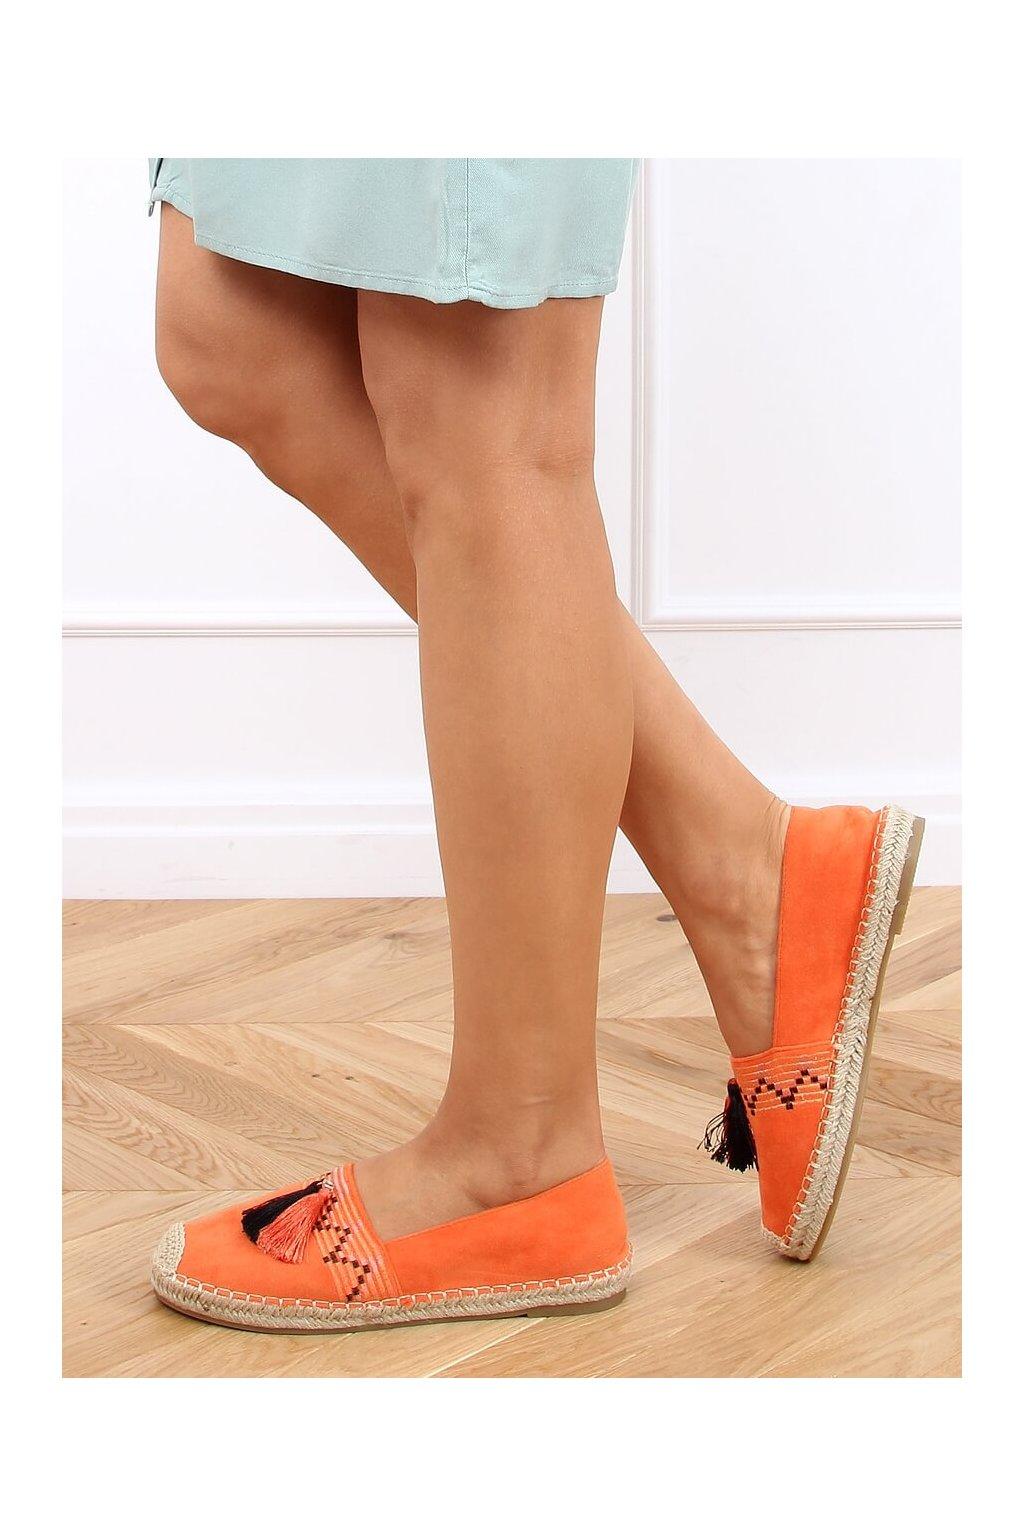 Dámske sandále oranžové na plochom podpätku LX-3R11